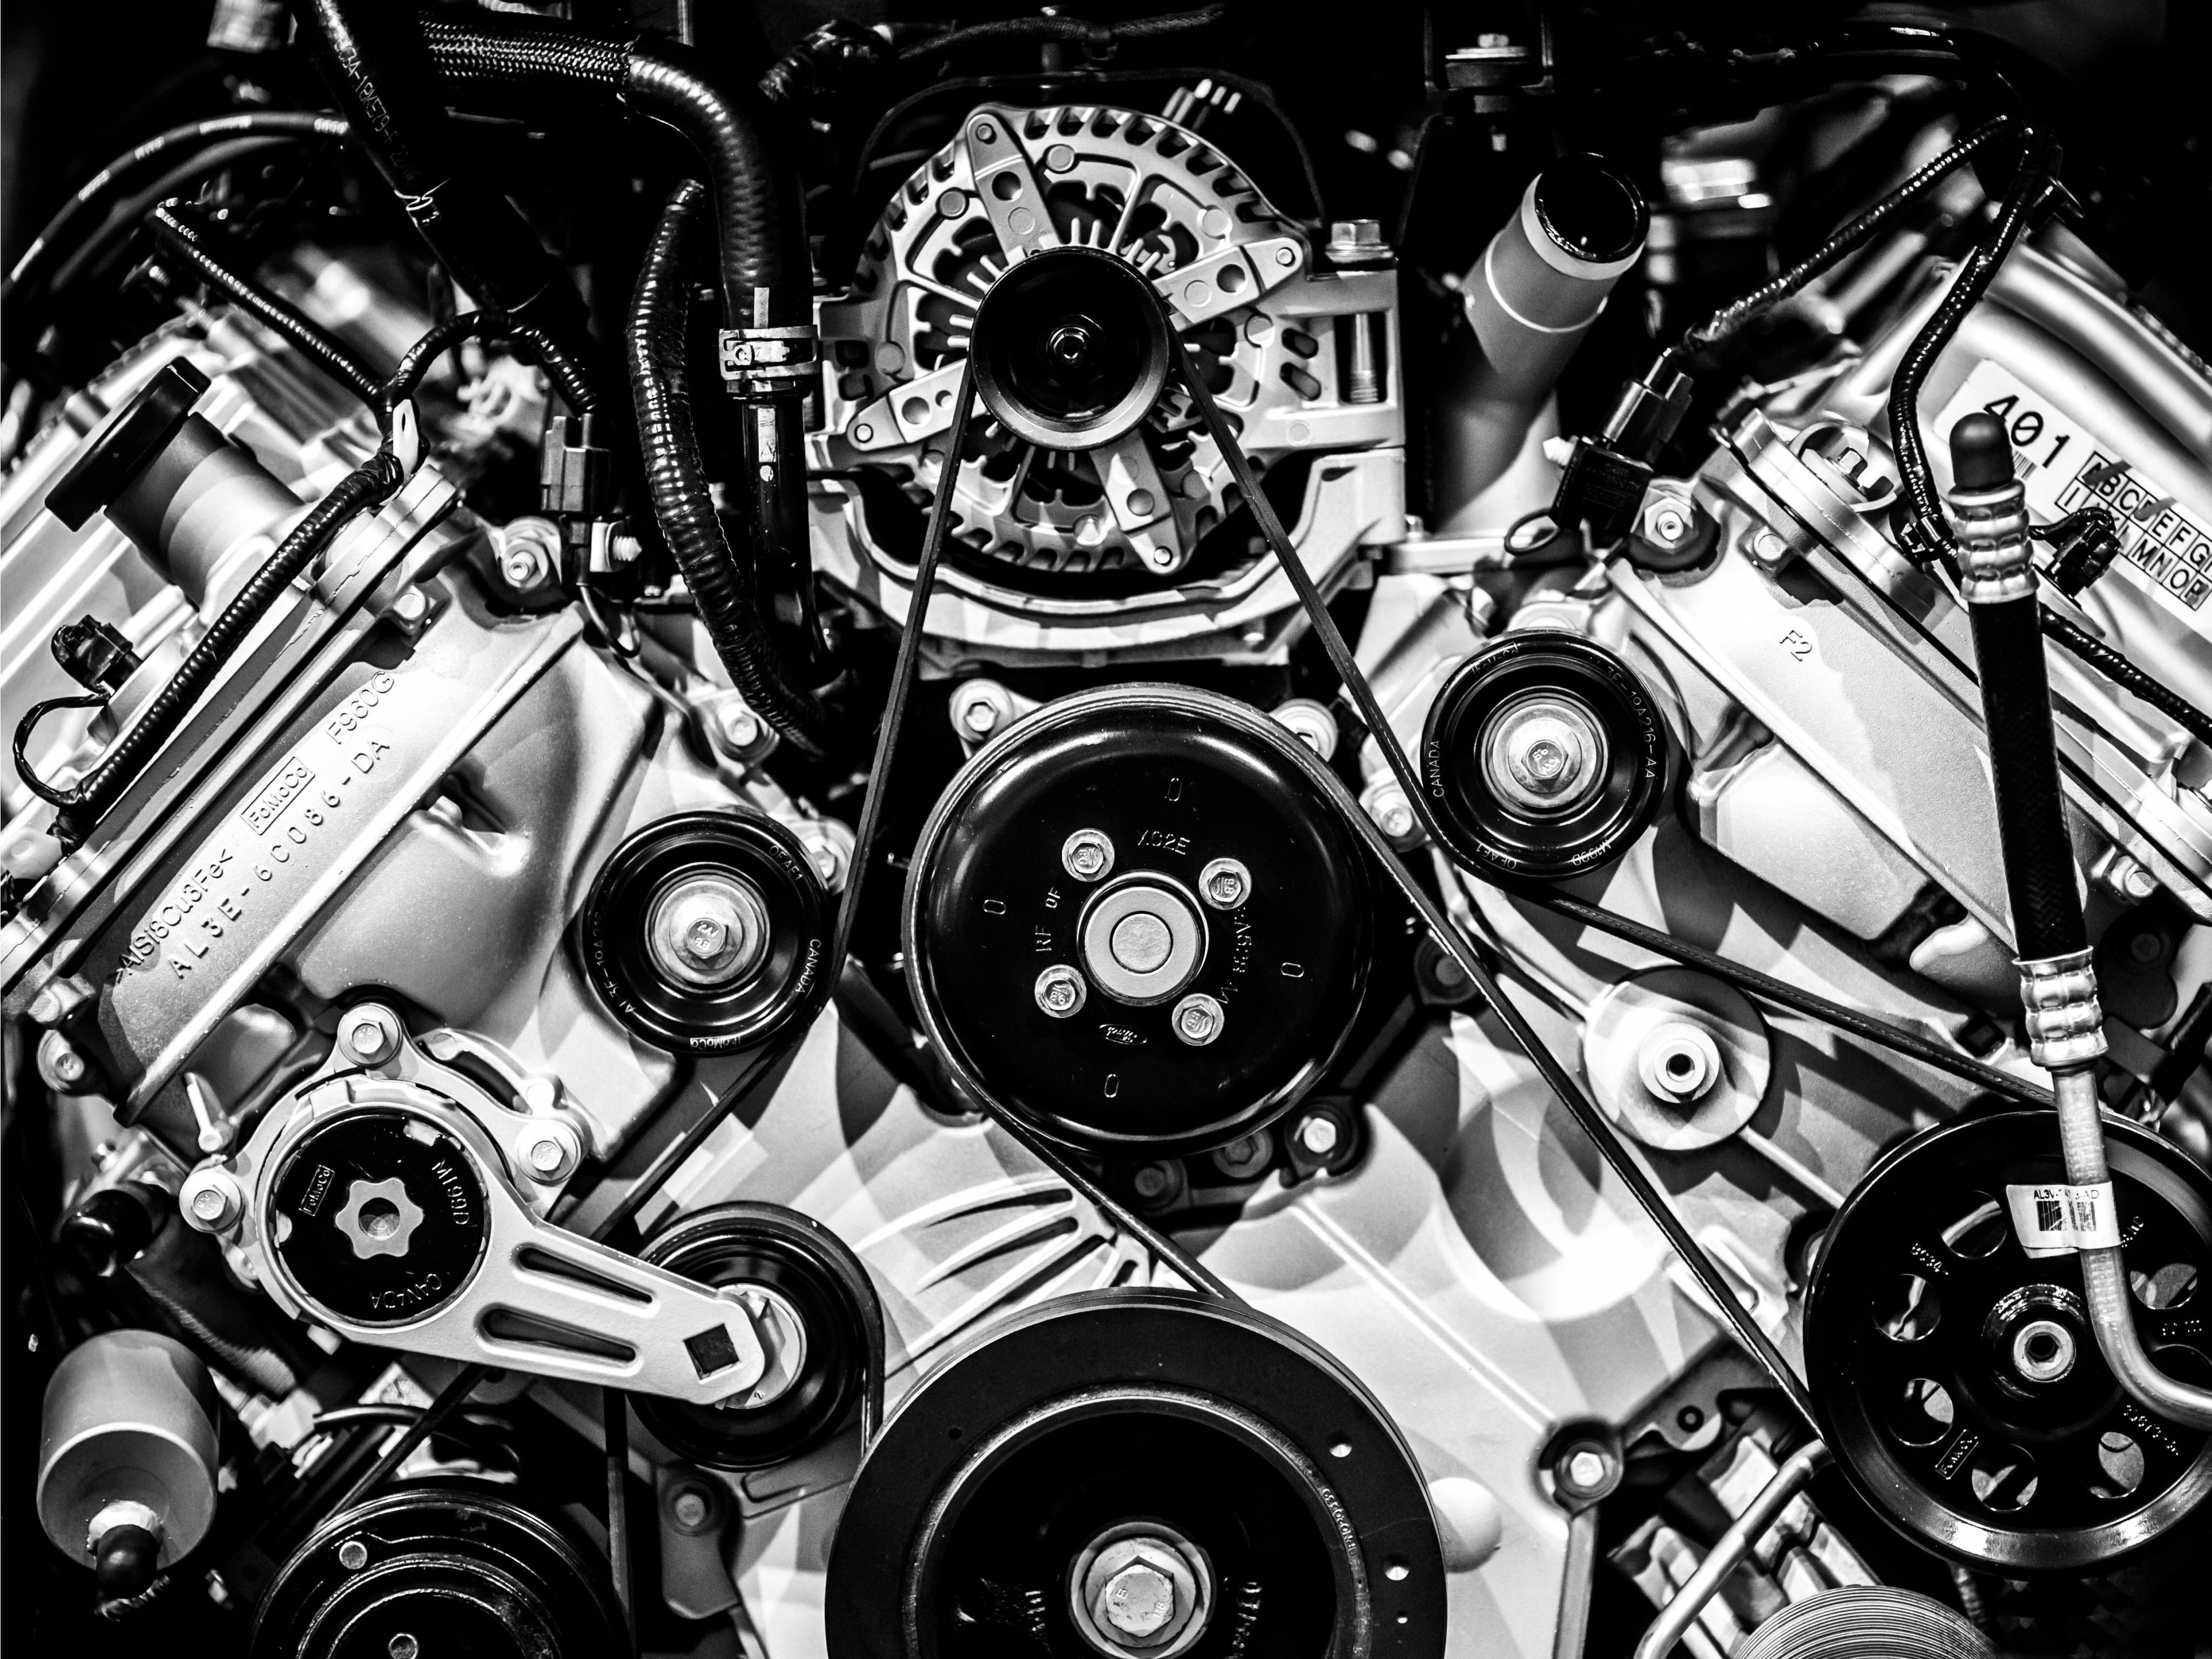 Audi Engine HD desktop wallpaper Widescreen High Definition